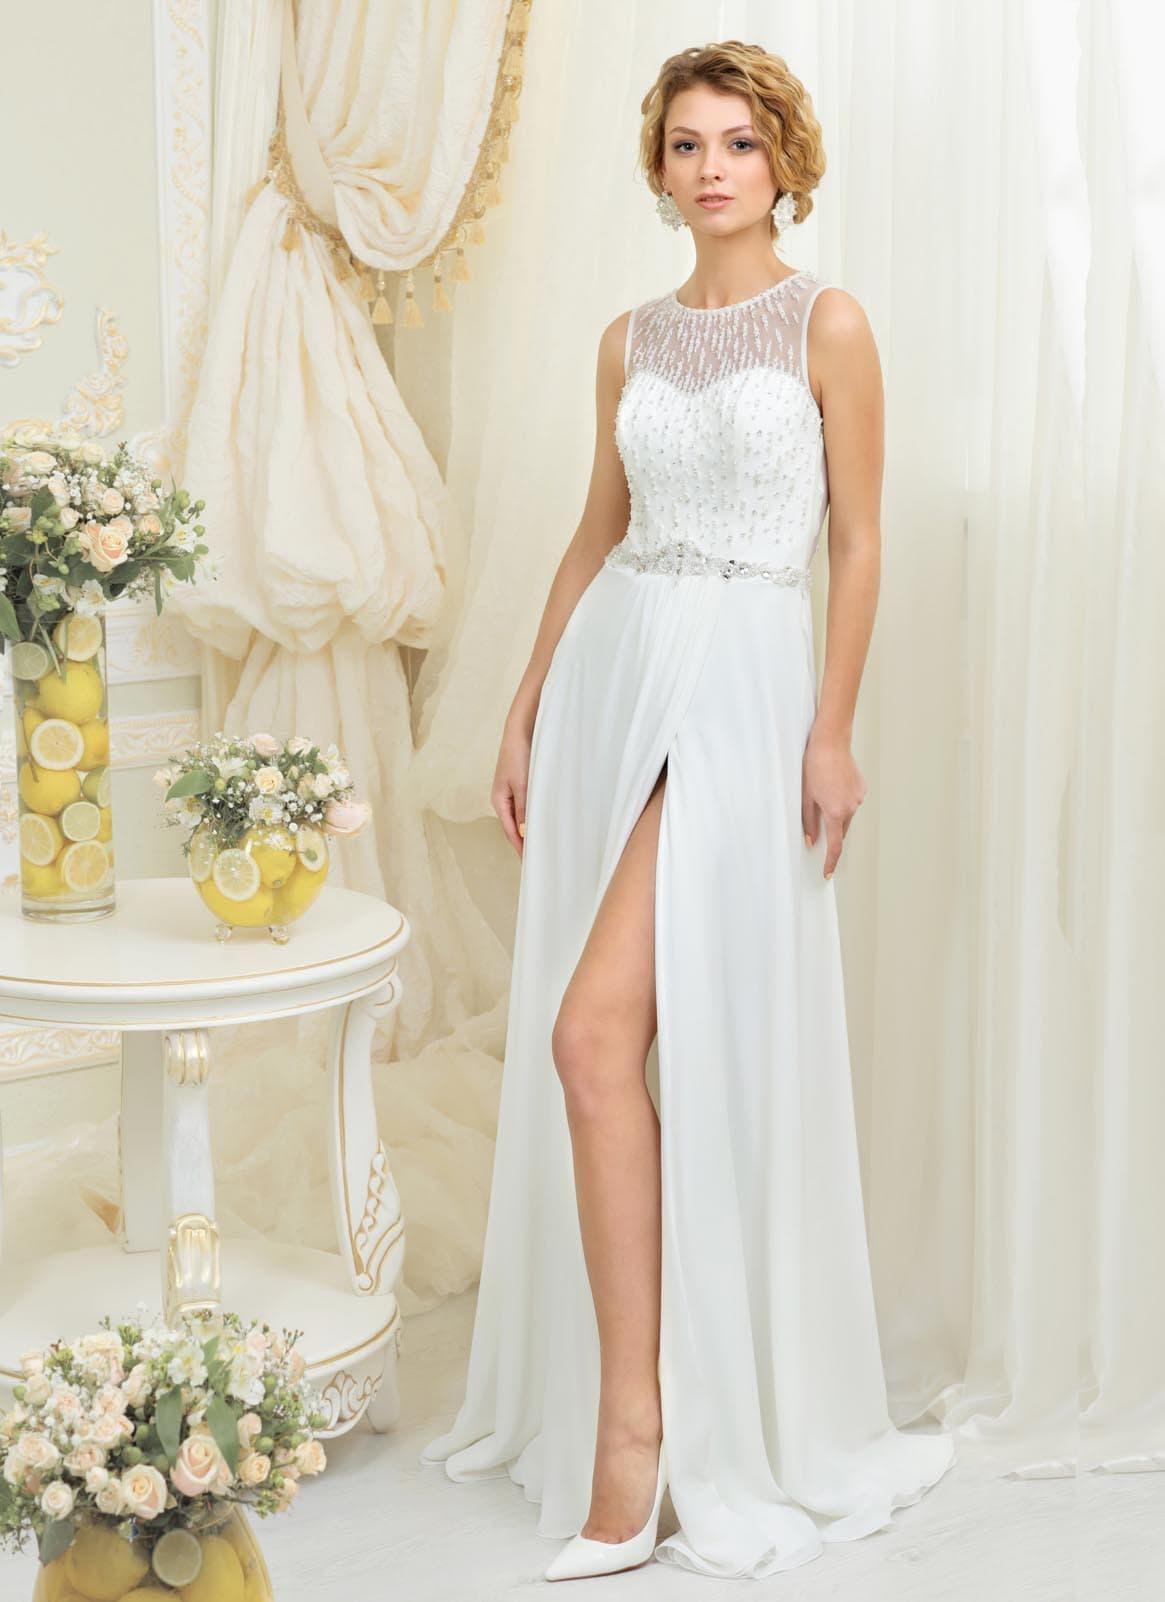 Прямое свадебное платье с высоким разрезом на юбке и оригинальной вышивкой сверху.